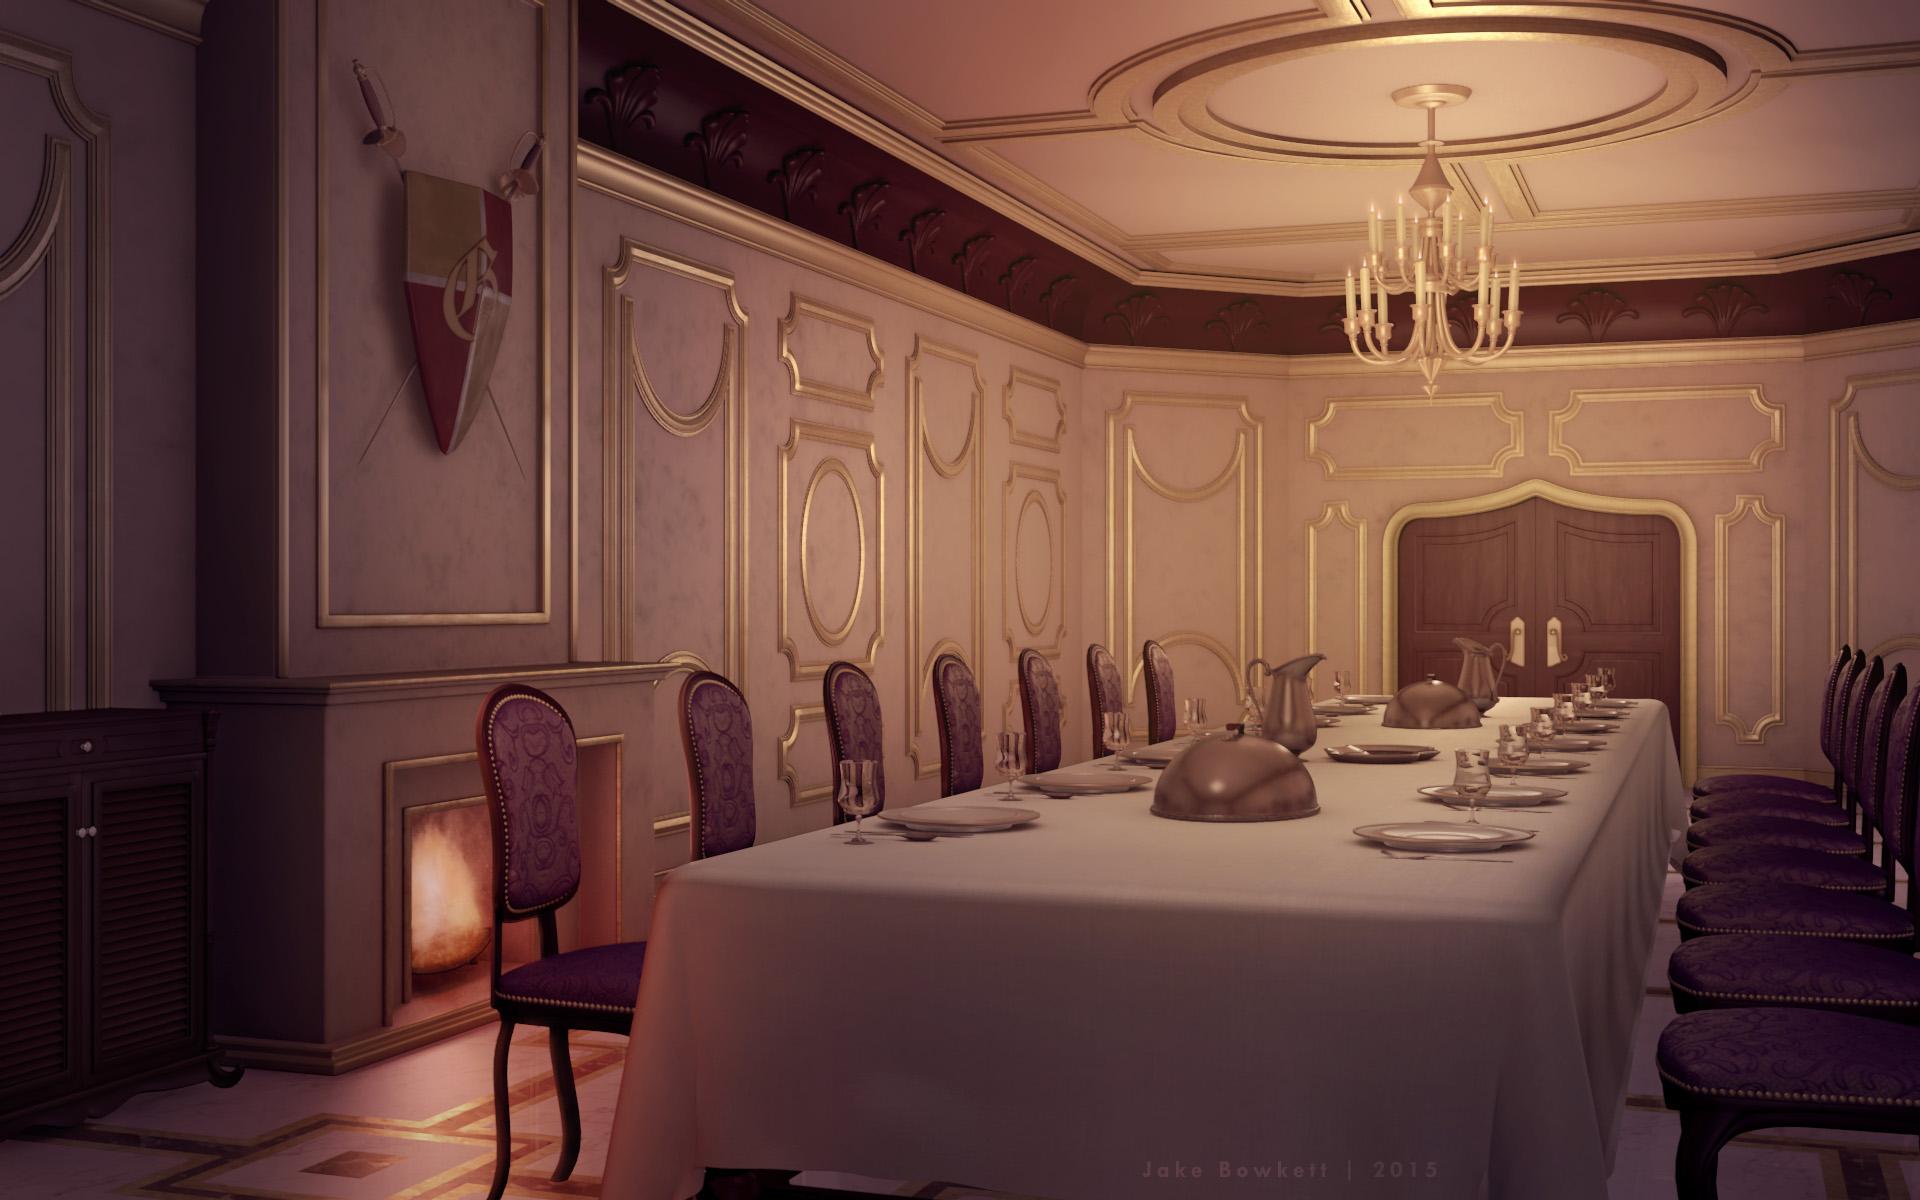 dining room by jakebowkett on deviantart